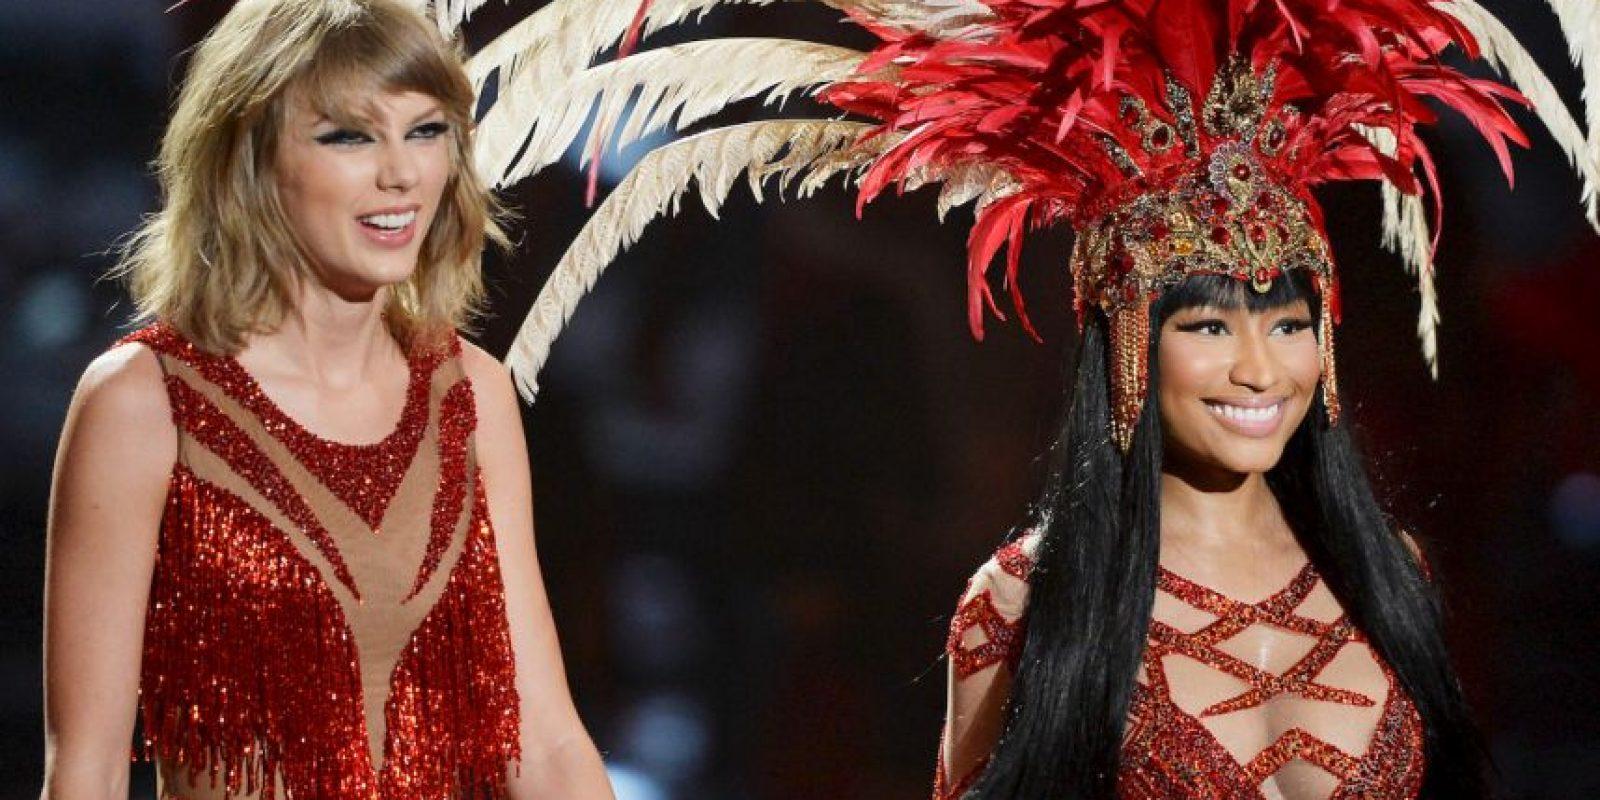 Taylor Swift y Nicki Minaj protagonizaron una descomunal pelea en las redes sociales por las nominaciones de los MTV VMAs 2015. Foto:Getty Images